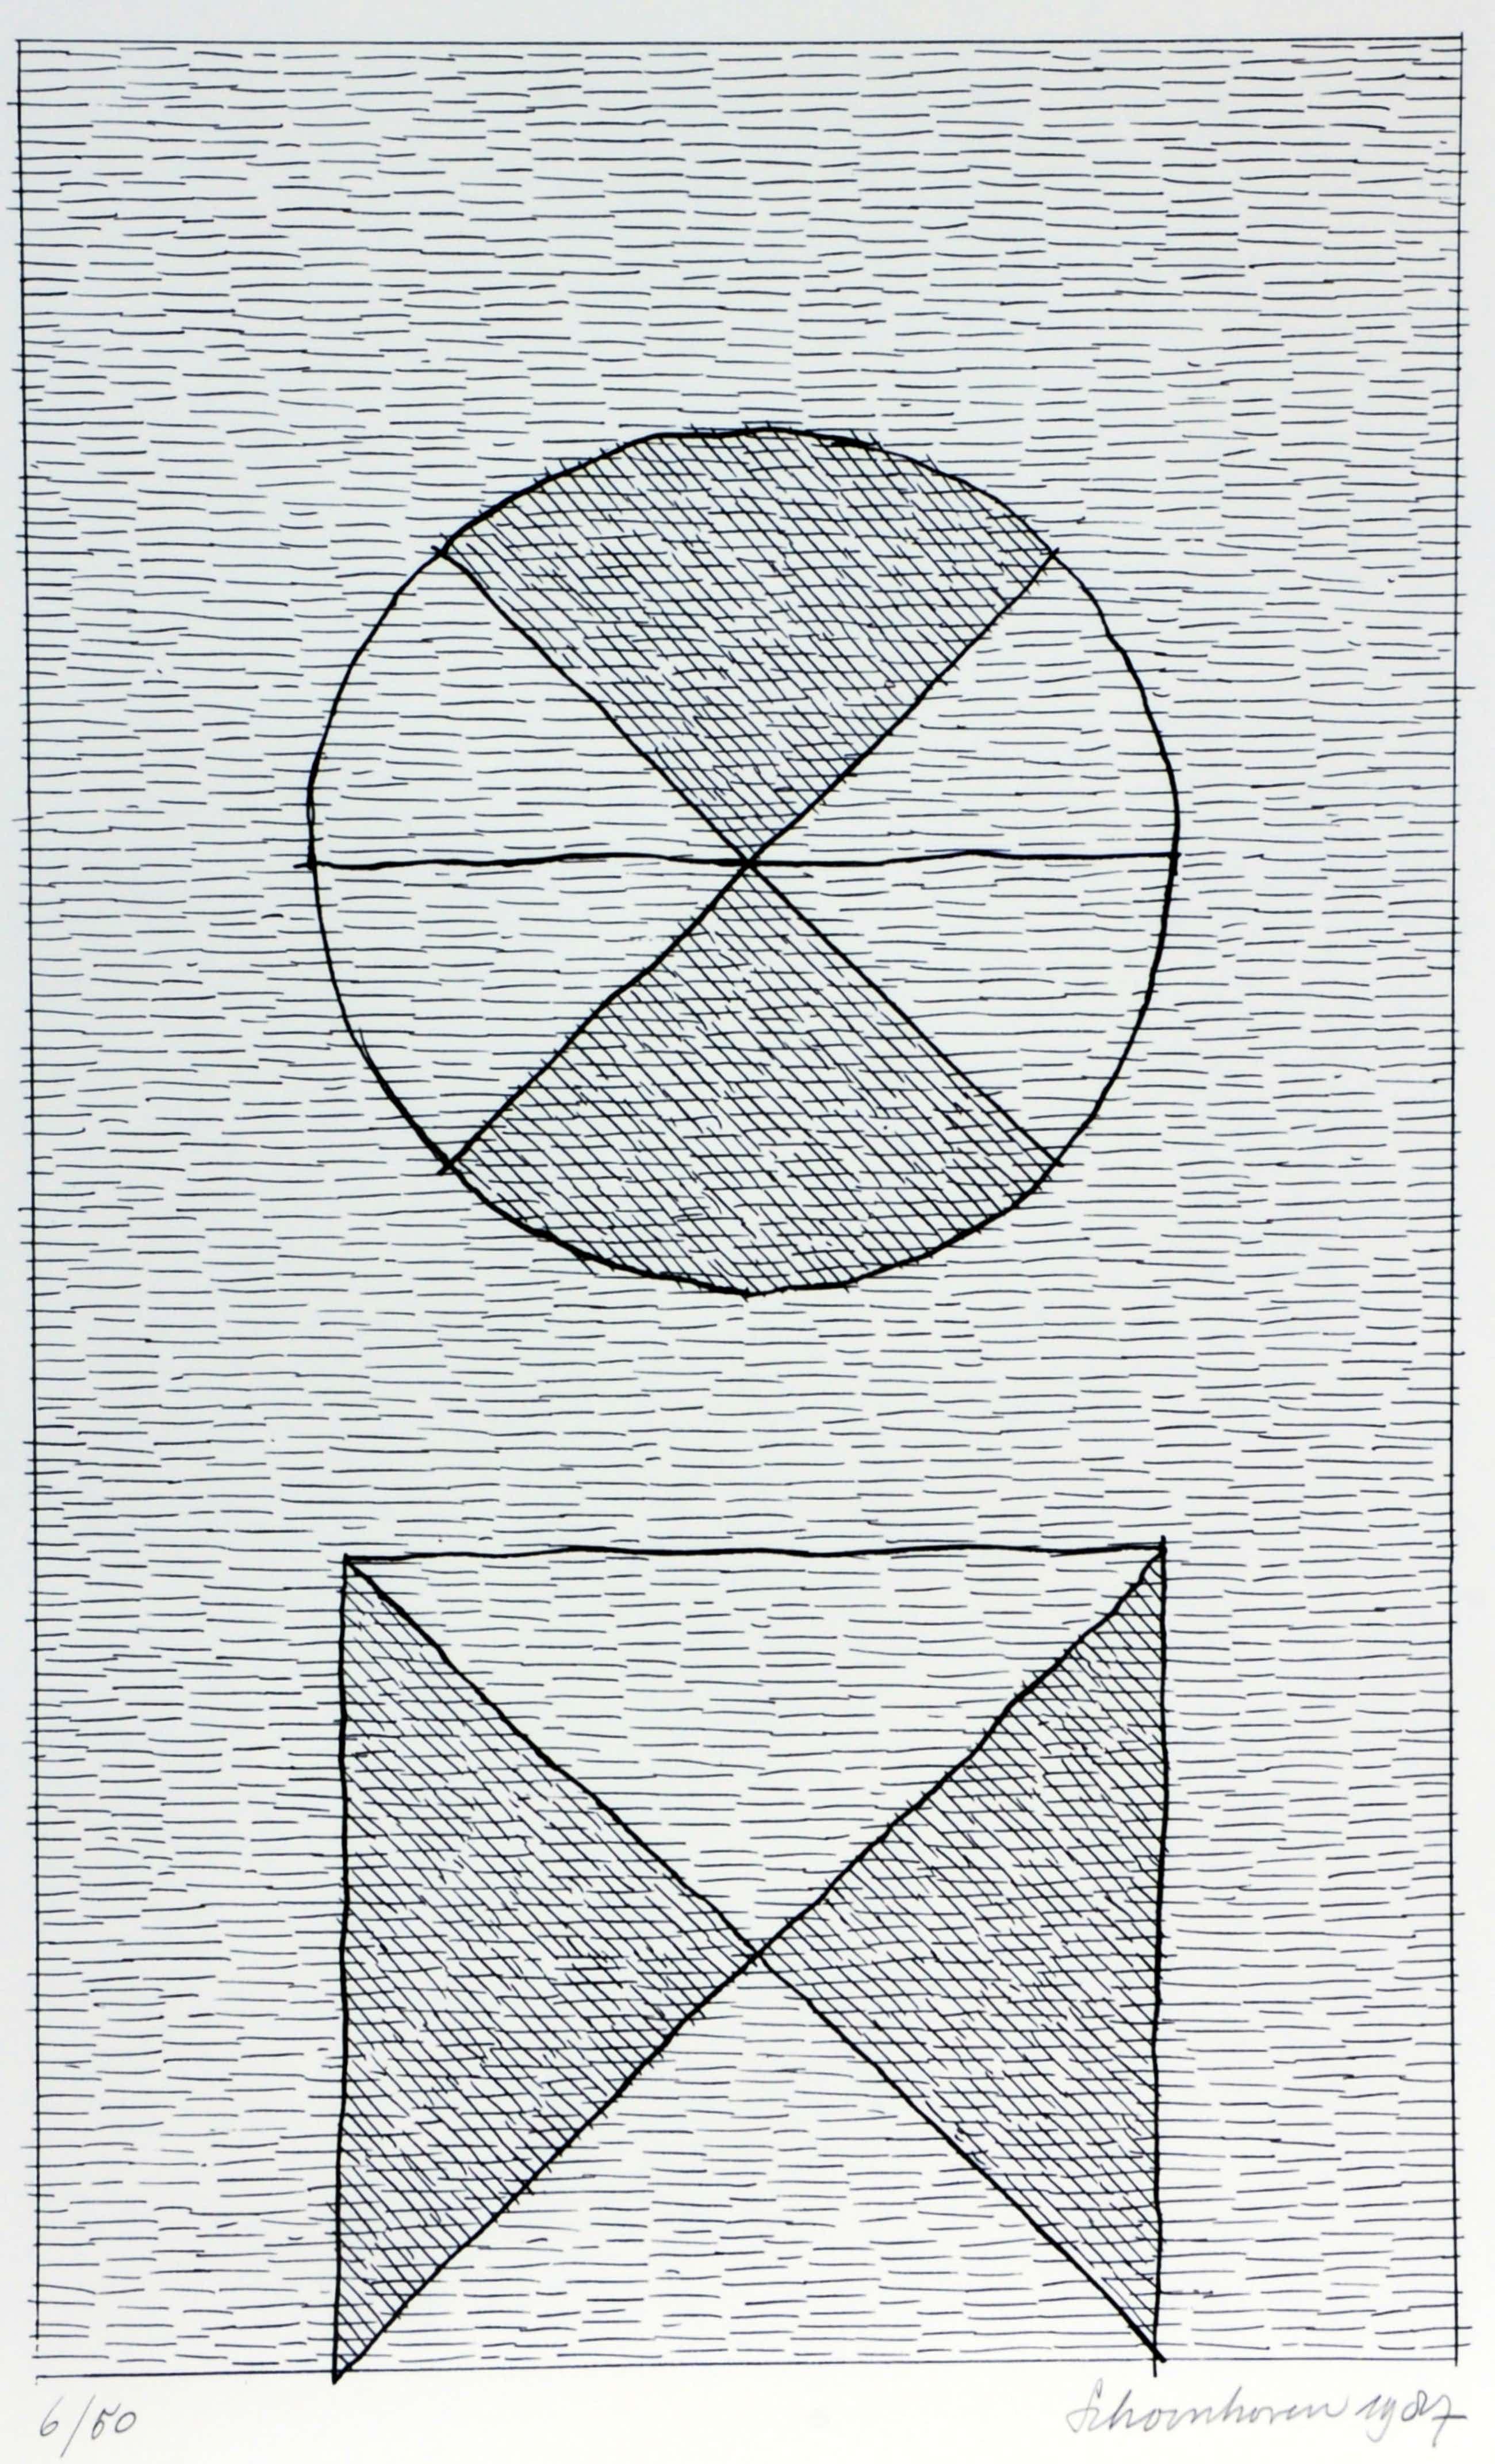 """Jan Schoonhoven - 1 zeefdruk """"Vorm"""" + de originele verzamelmap met teksten kopen? Bied vanaf 350!"""